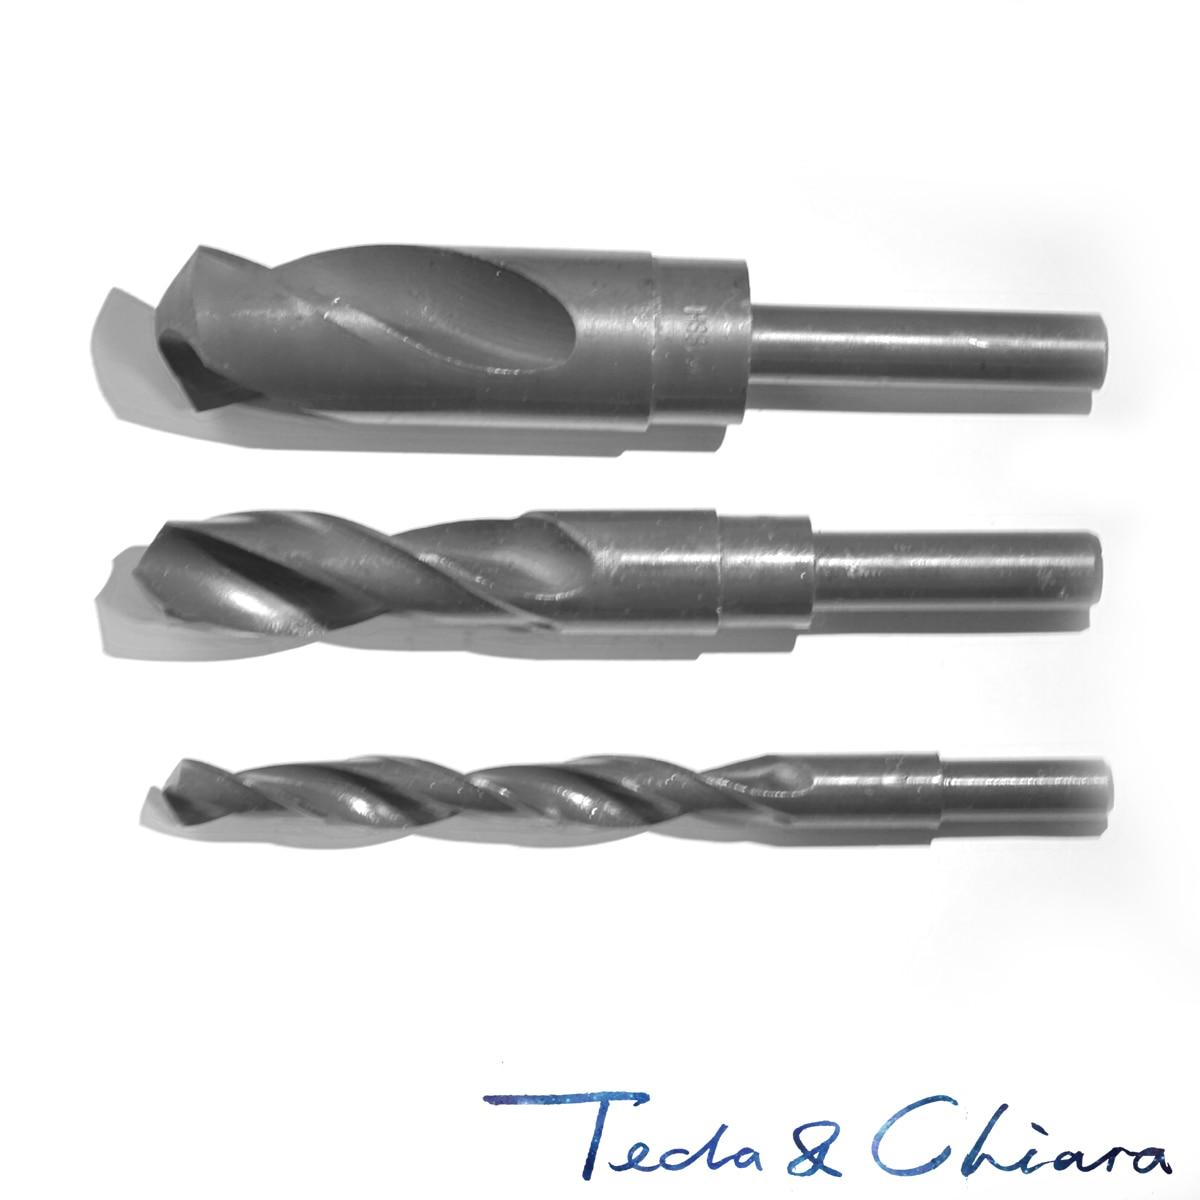 25.5mm 26mm 26.5mm 27mm HSS Reduced Straight Crank Twist Drill Bit Shank Dia 12.7mm 1/2 Inch 25.5 26 26.5 27